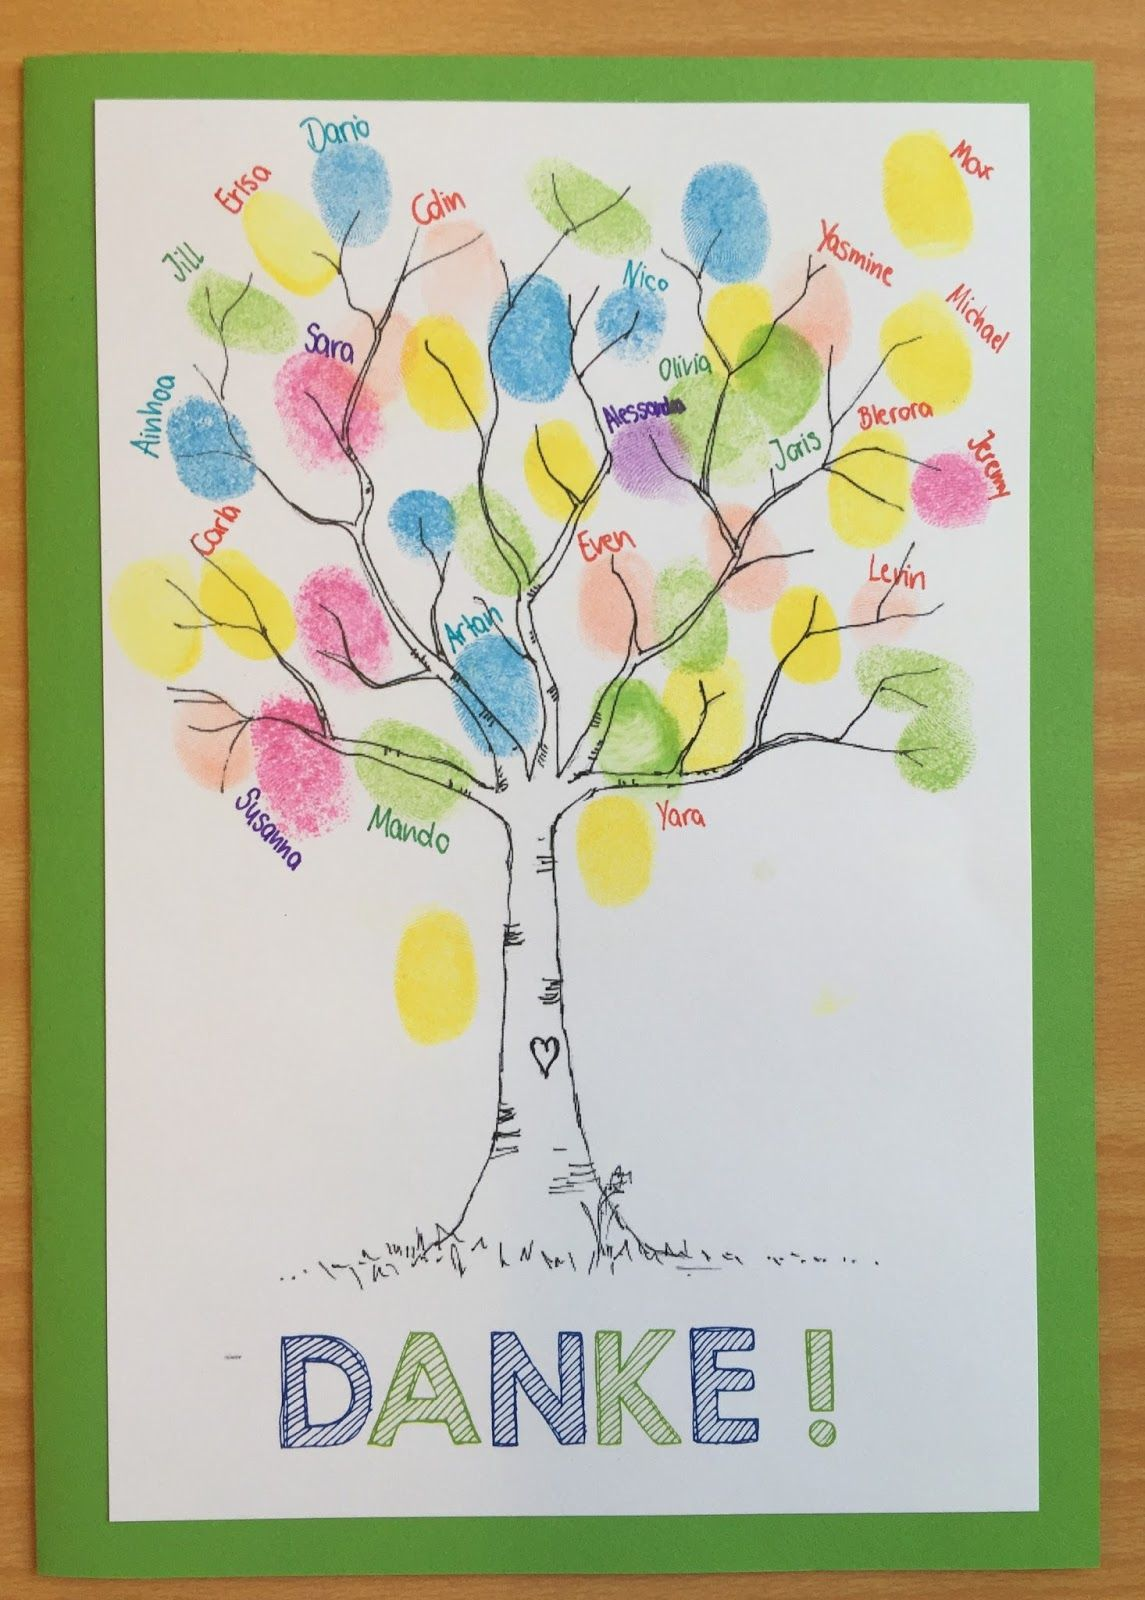 Klassenkunst dankeskarte basteln klassenzimmer for Abschiedsgeschenk ideen